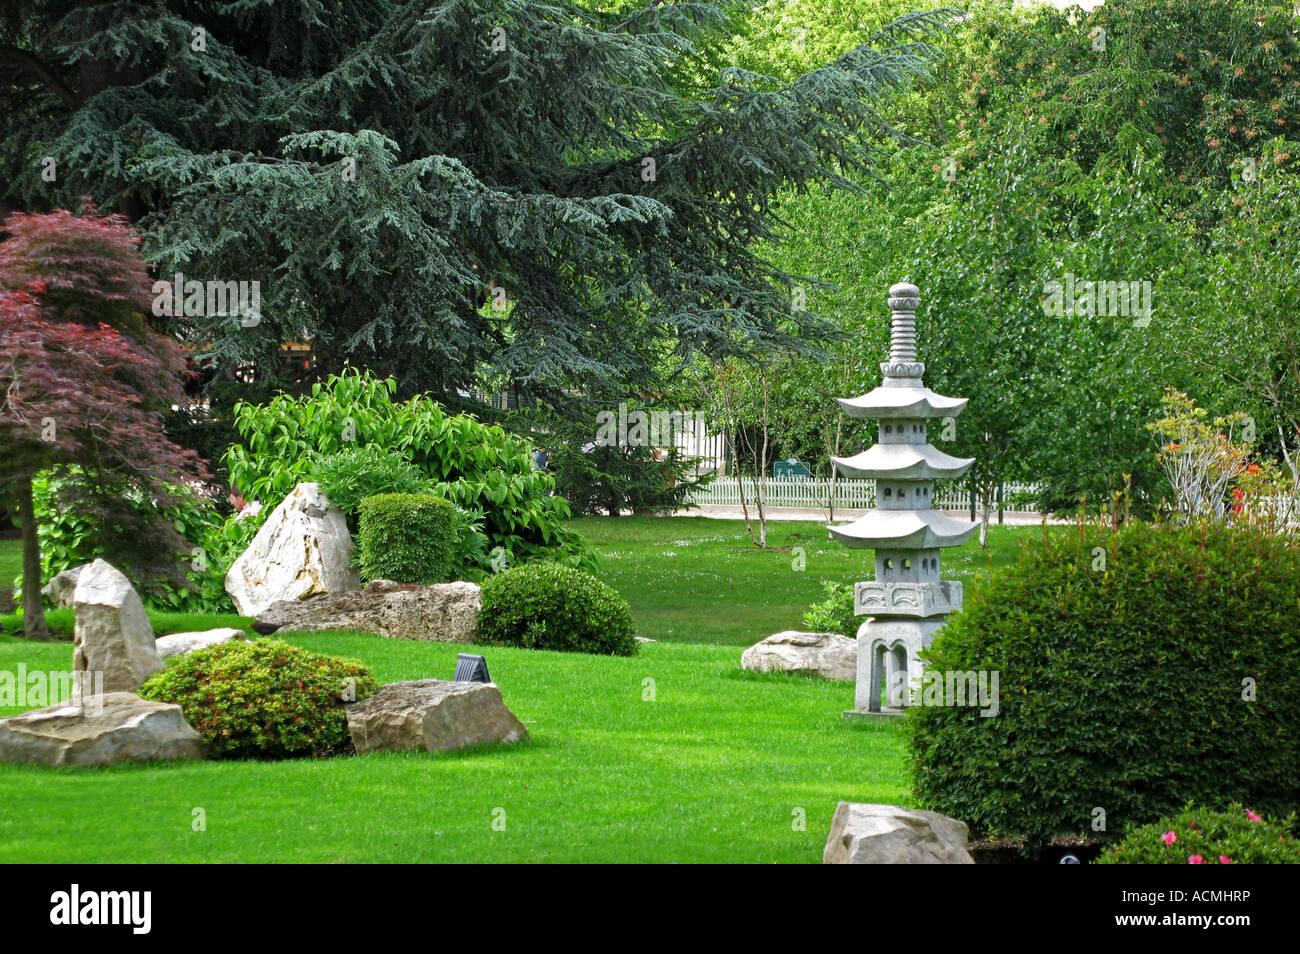 Le jardin d acclimatation paris france bois de boulogne for Bois de boulogne jardin d acclimatation